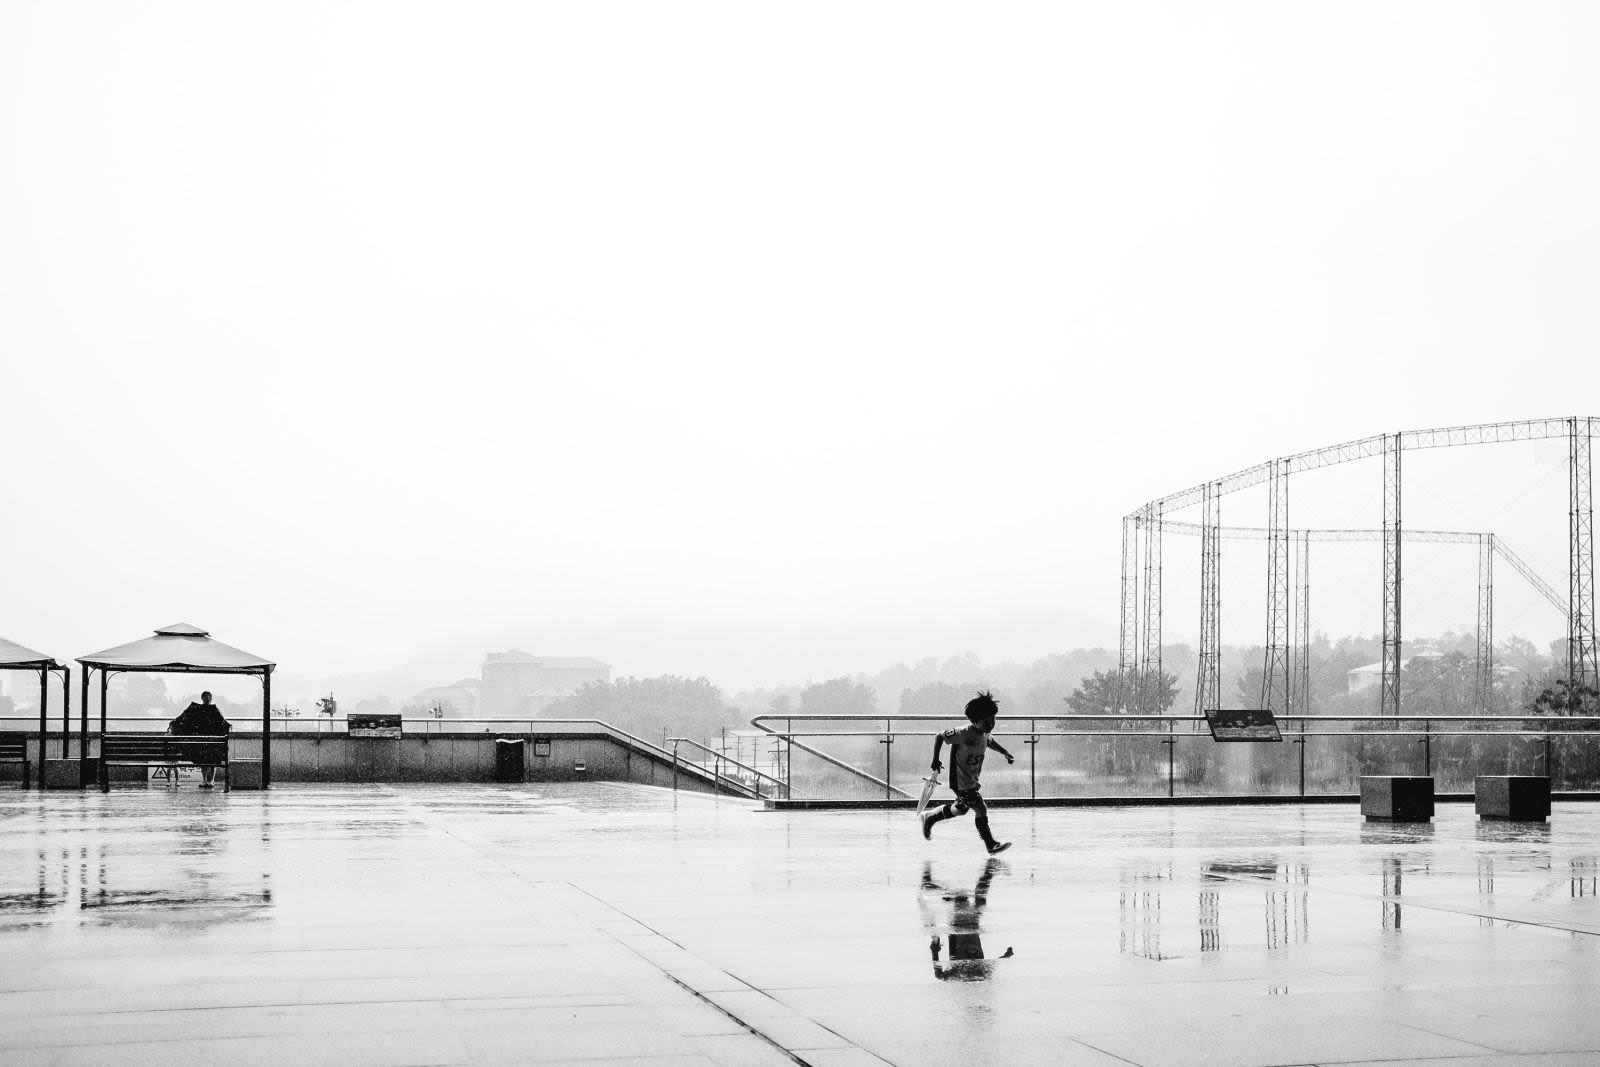 Rainy day.